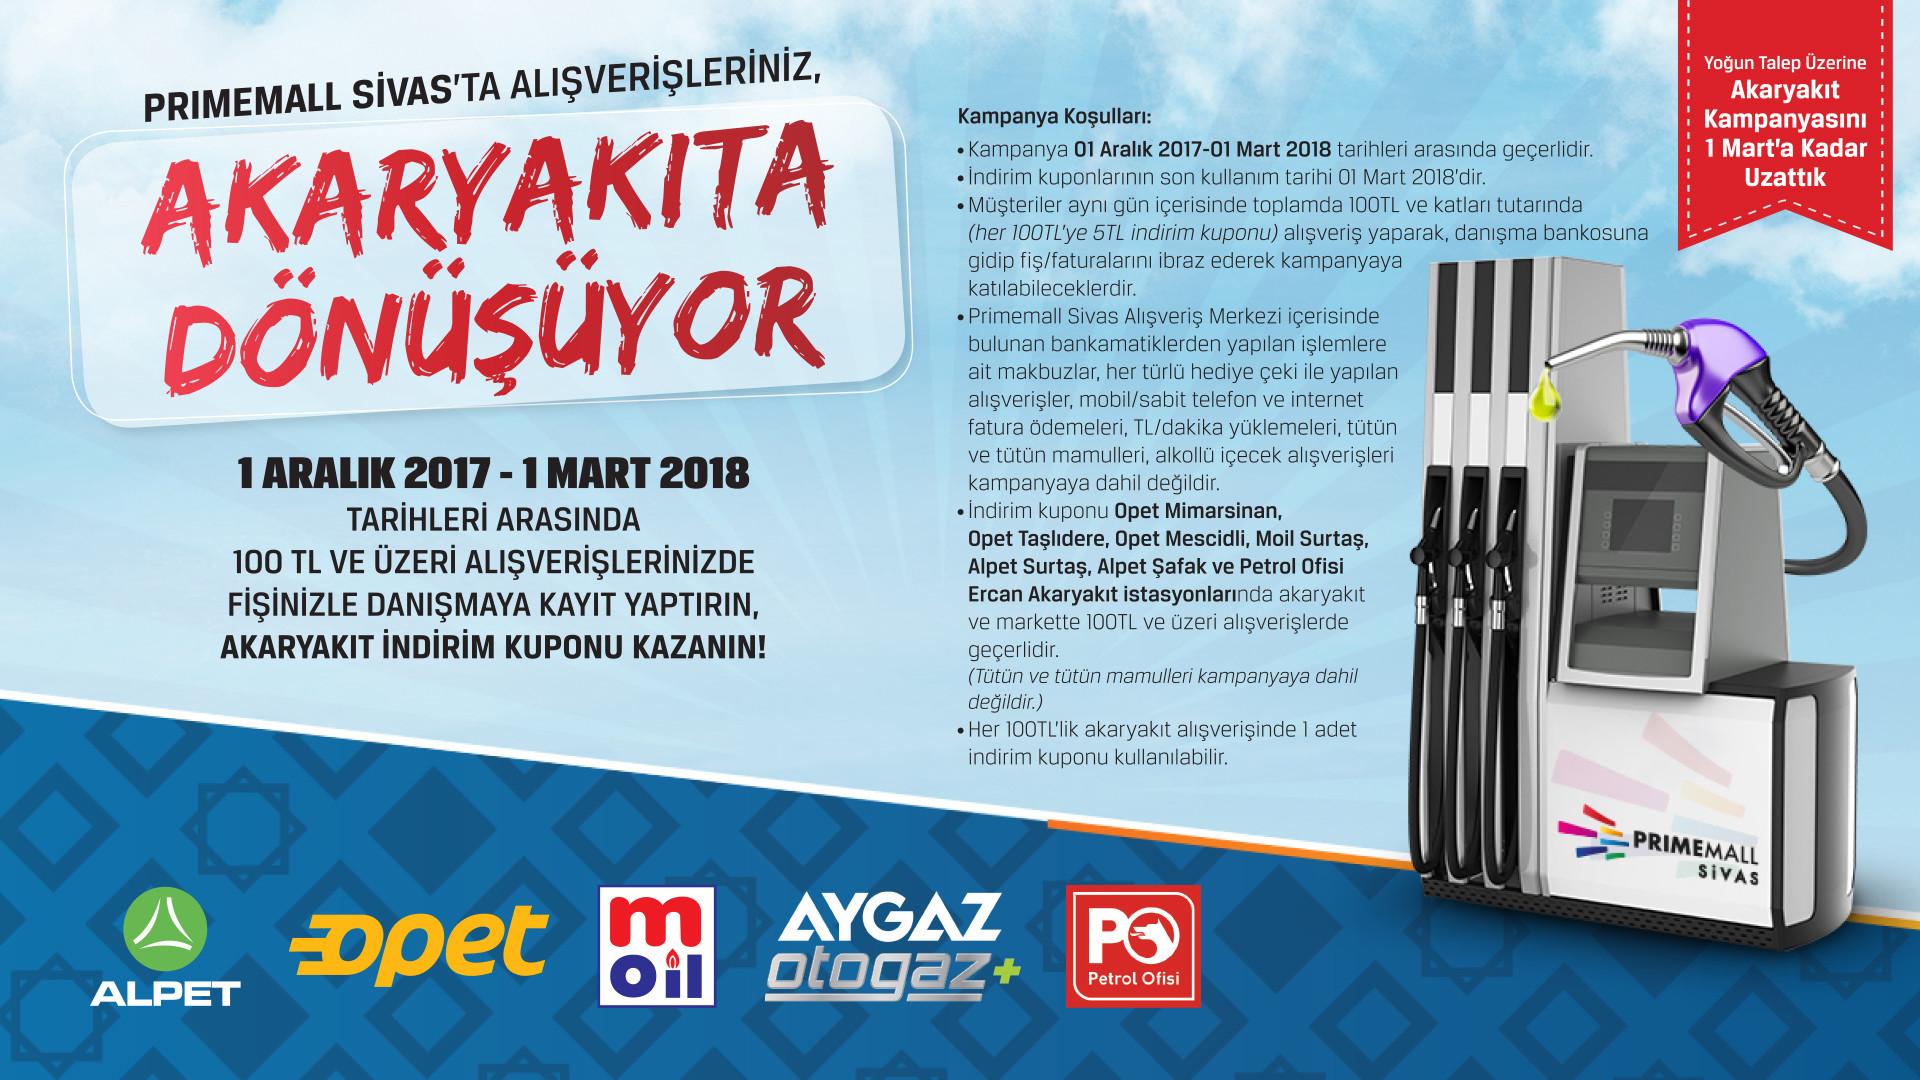 Primemall Sivas'ta Alışverişiniz Akaryakıta Dönüşüyor